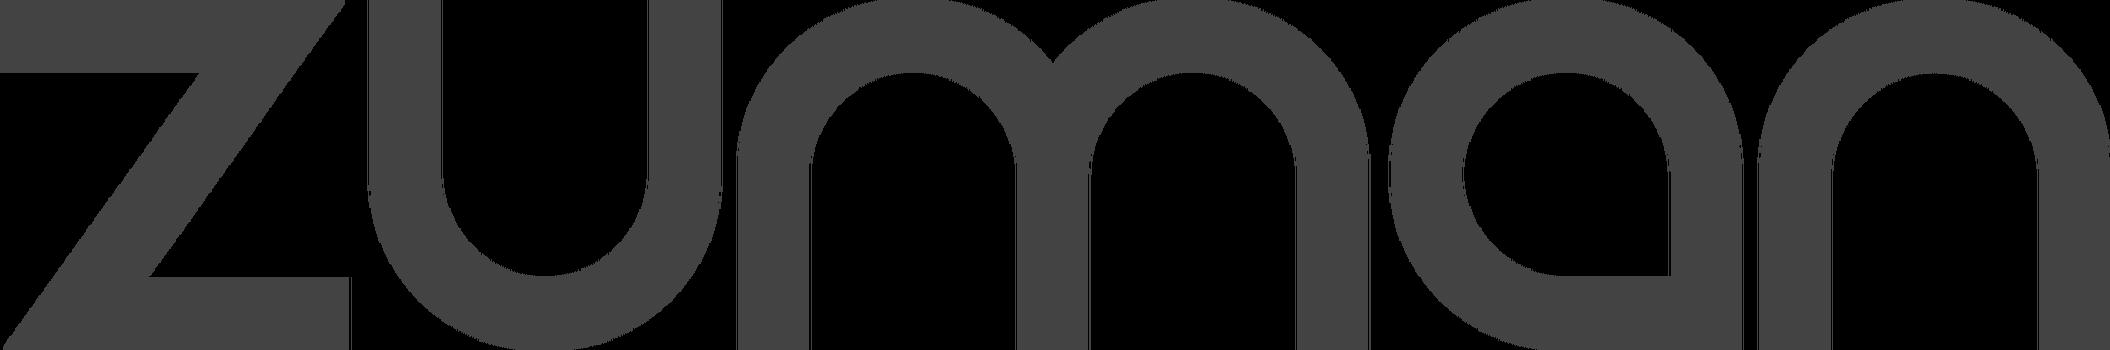 Zuman logo